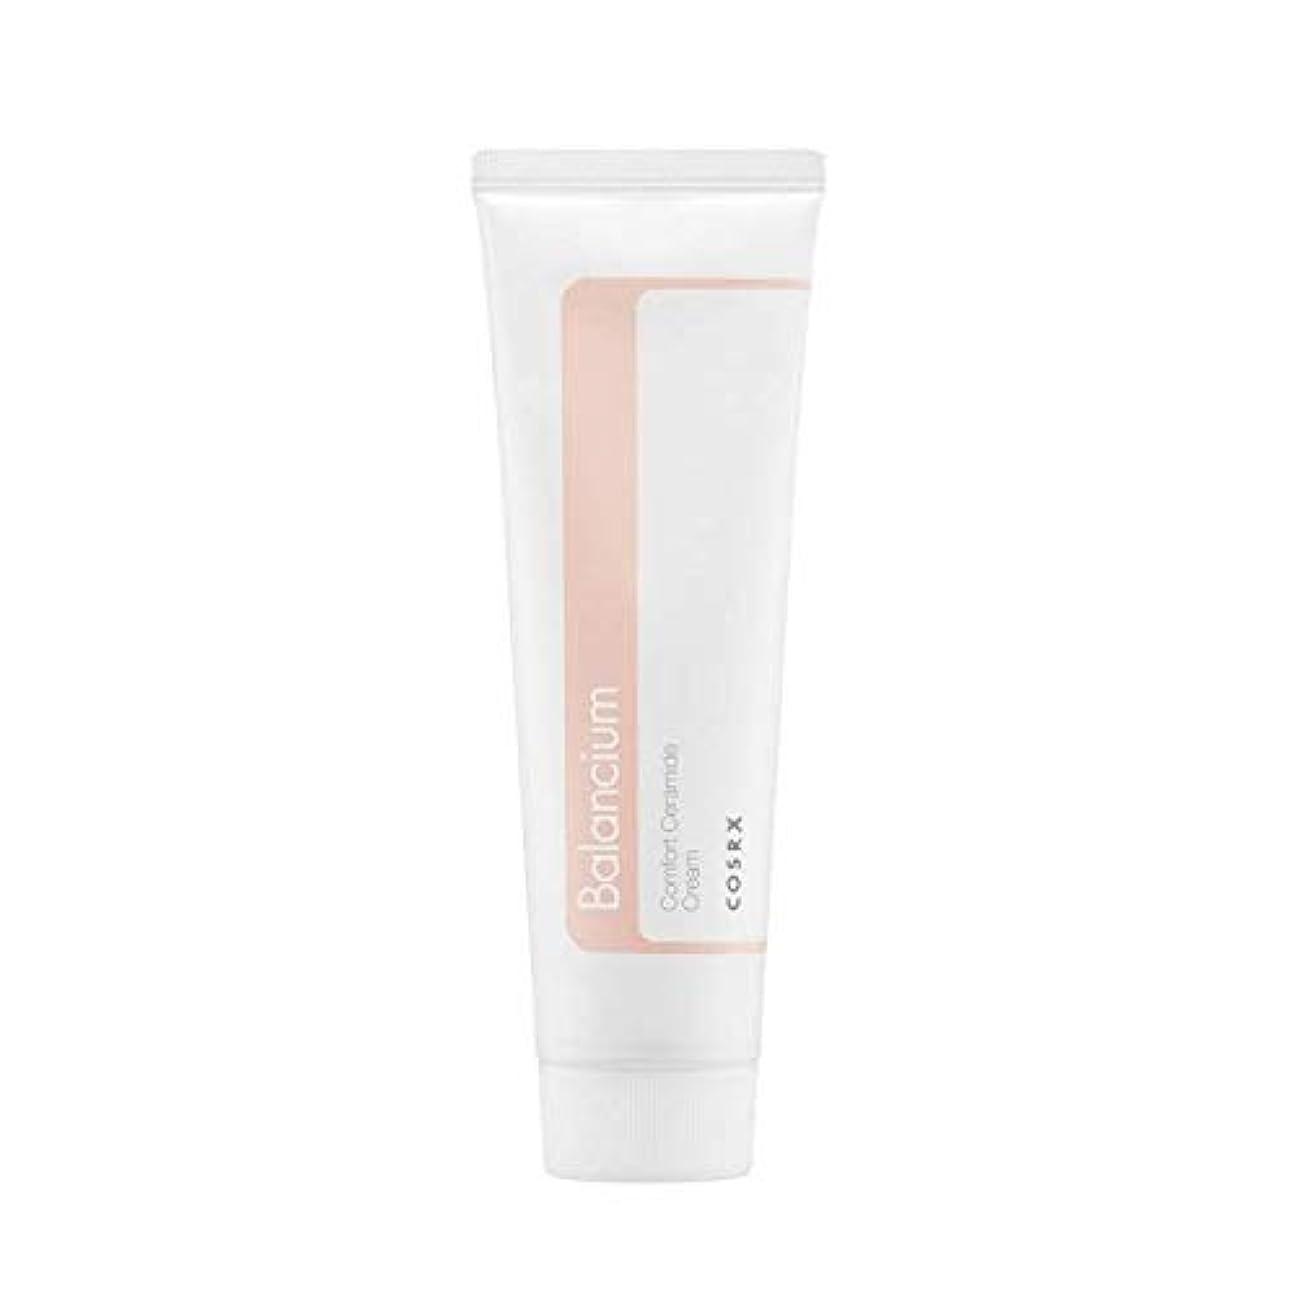 セールけがをするマッサージCOSRX バランシウム コンポート セラミド クリーム / Balancium Comfort Ceramide Cream (80g) [並行輸入品]